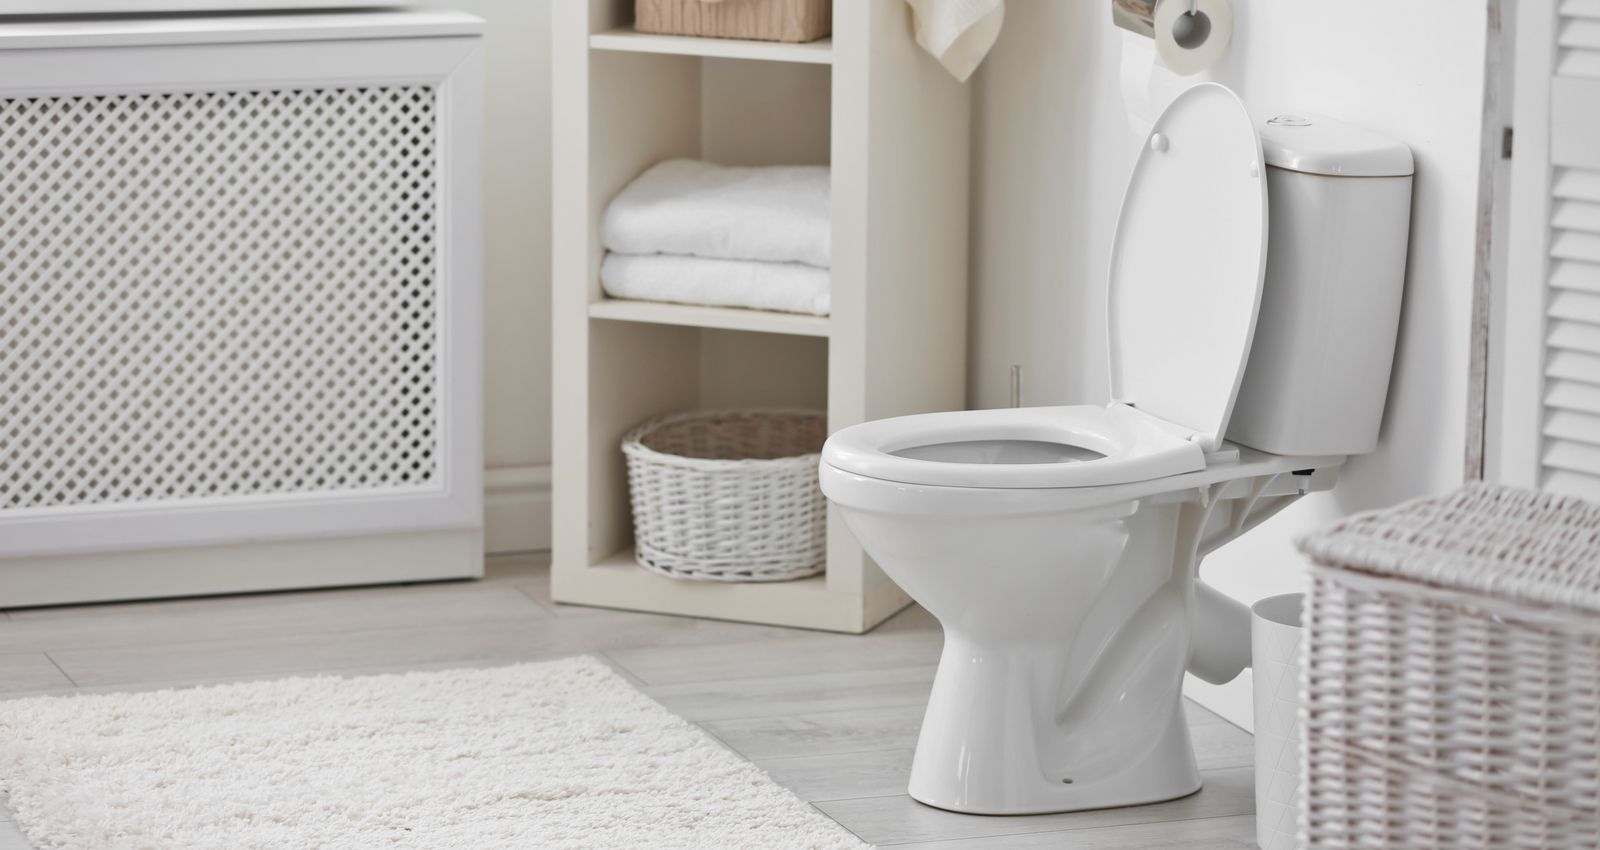 Monter Des Toilettes Suspendues comment installer, monter, poser des toilettes, wc ?